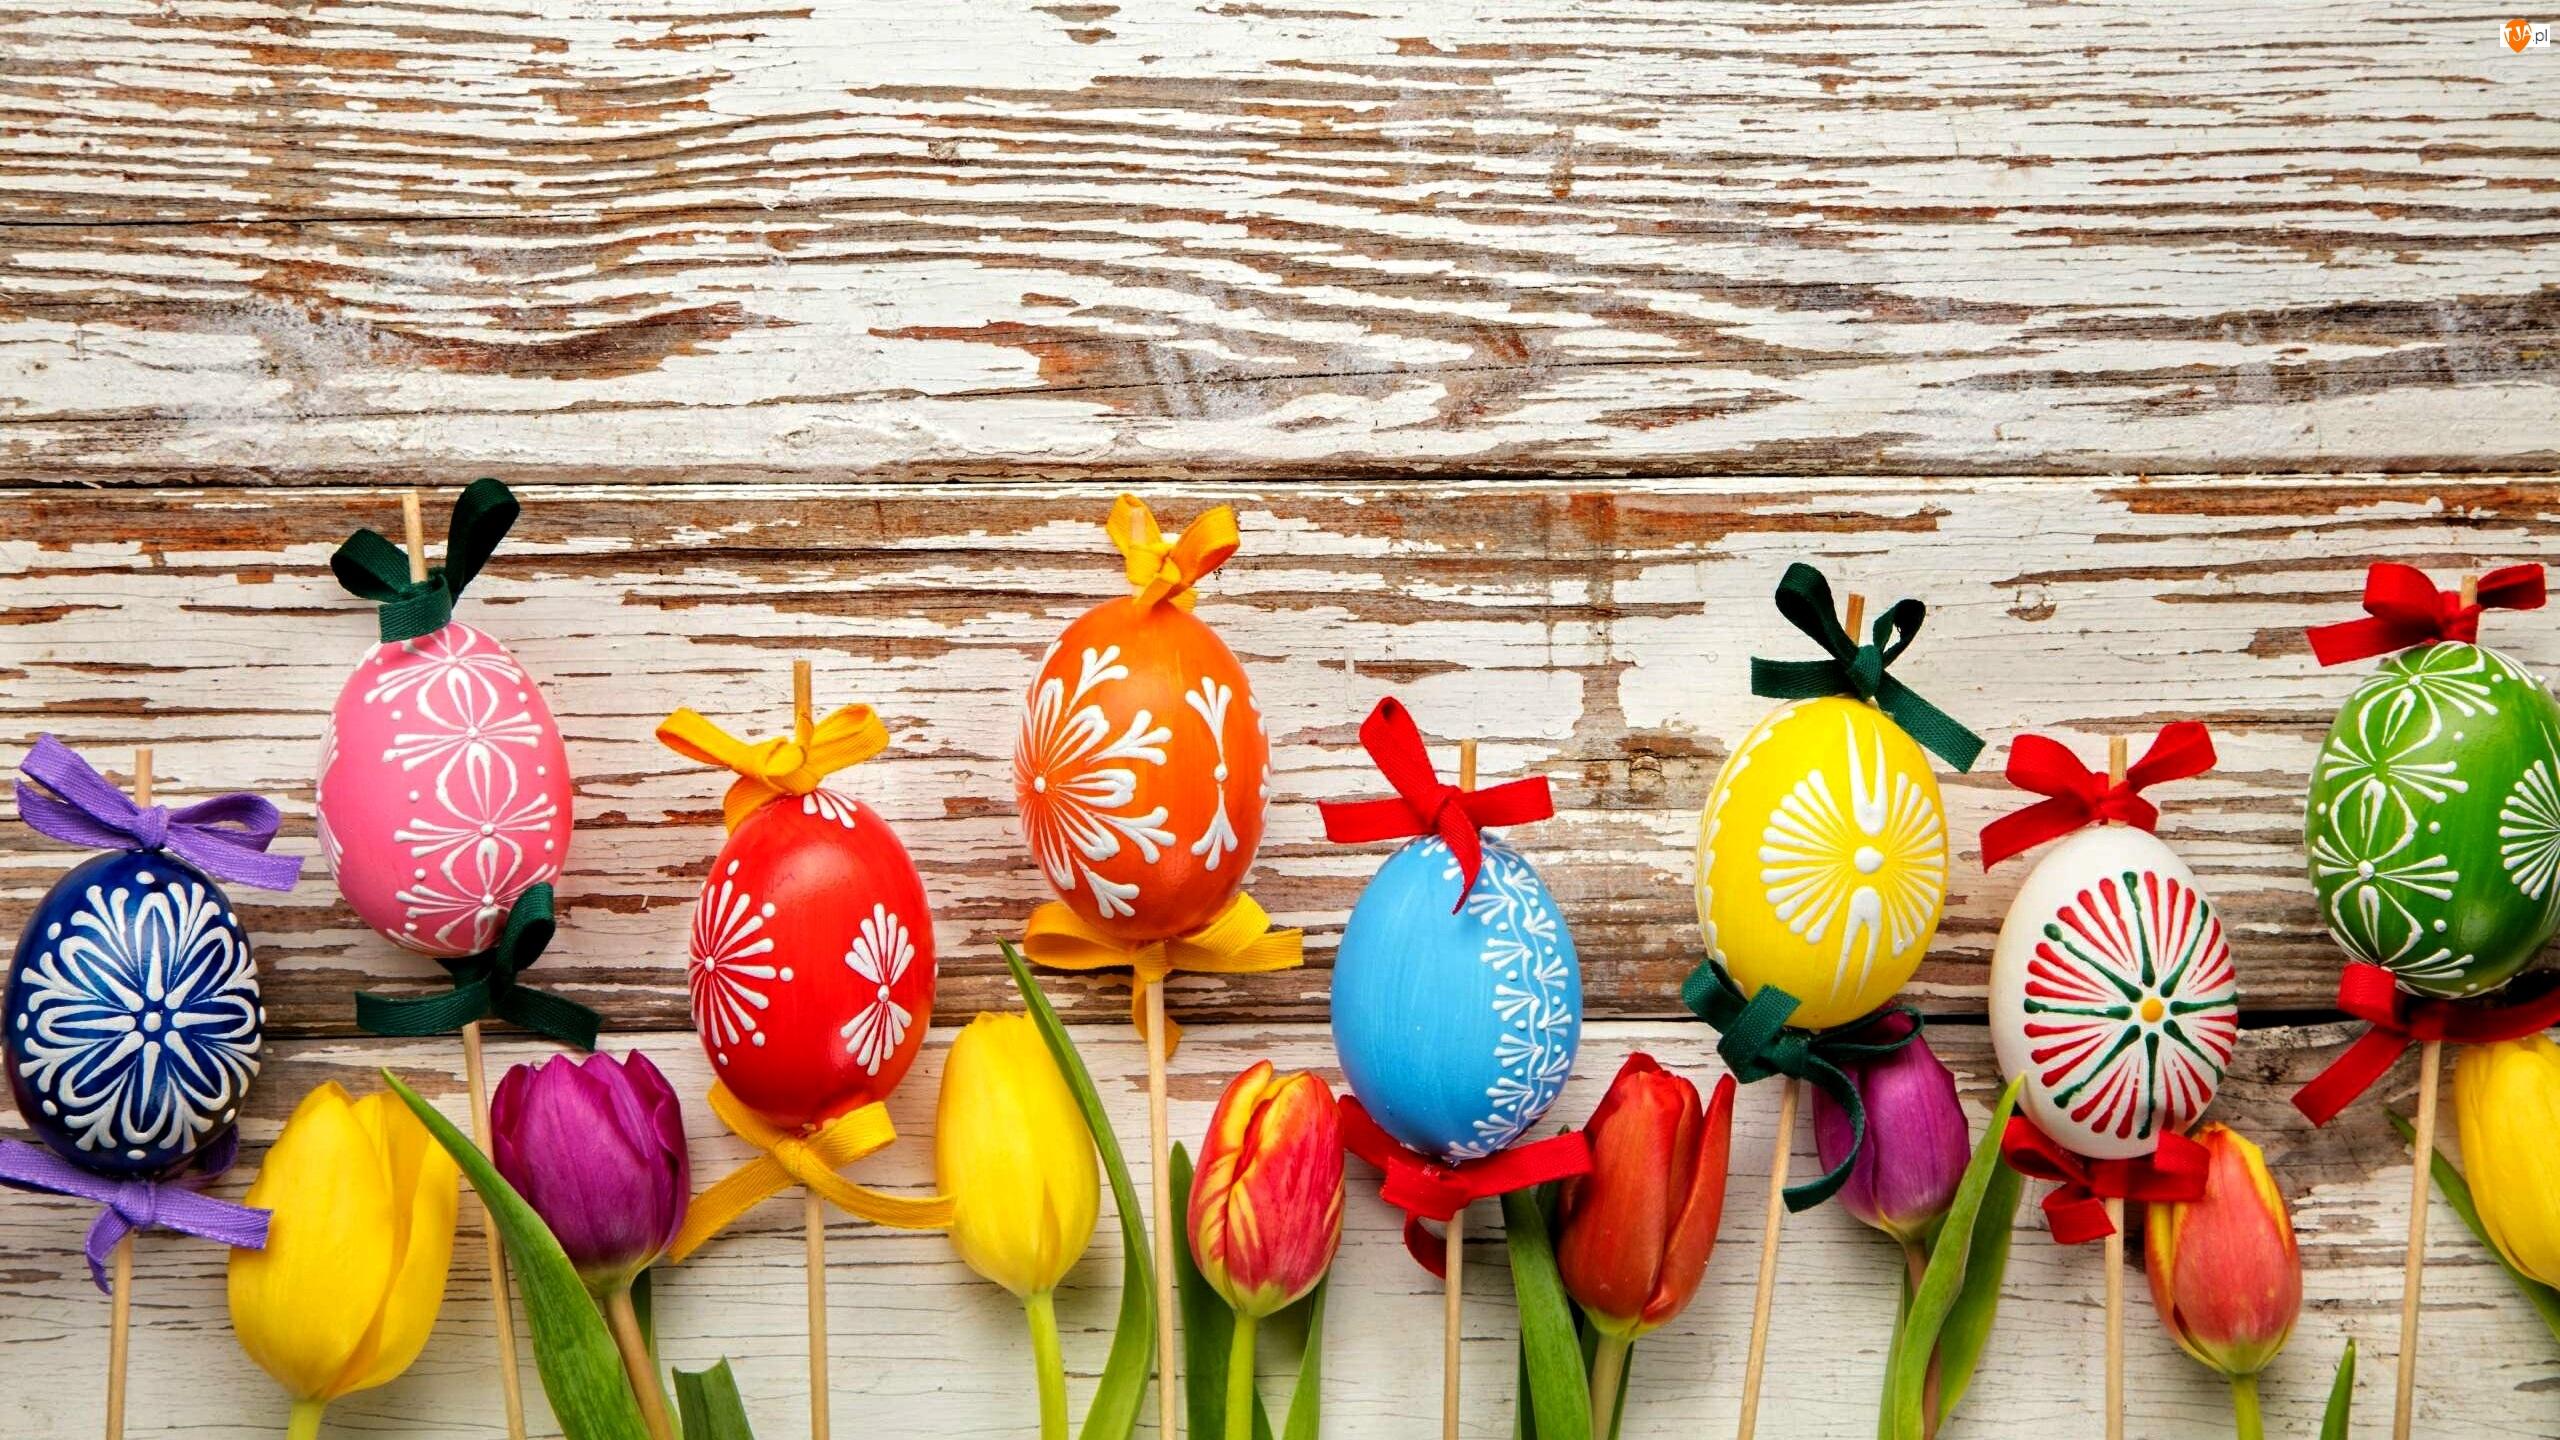 Wielkanoc, Tulipany, Dekoracja, Pisanki